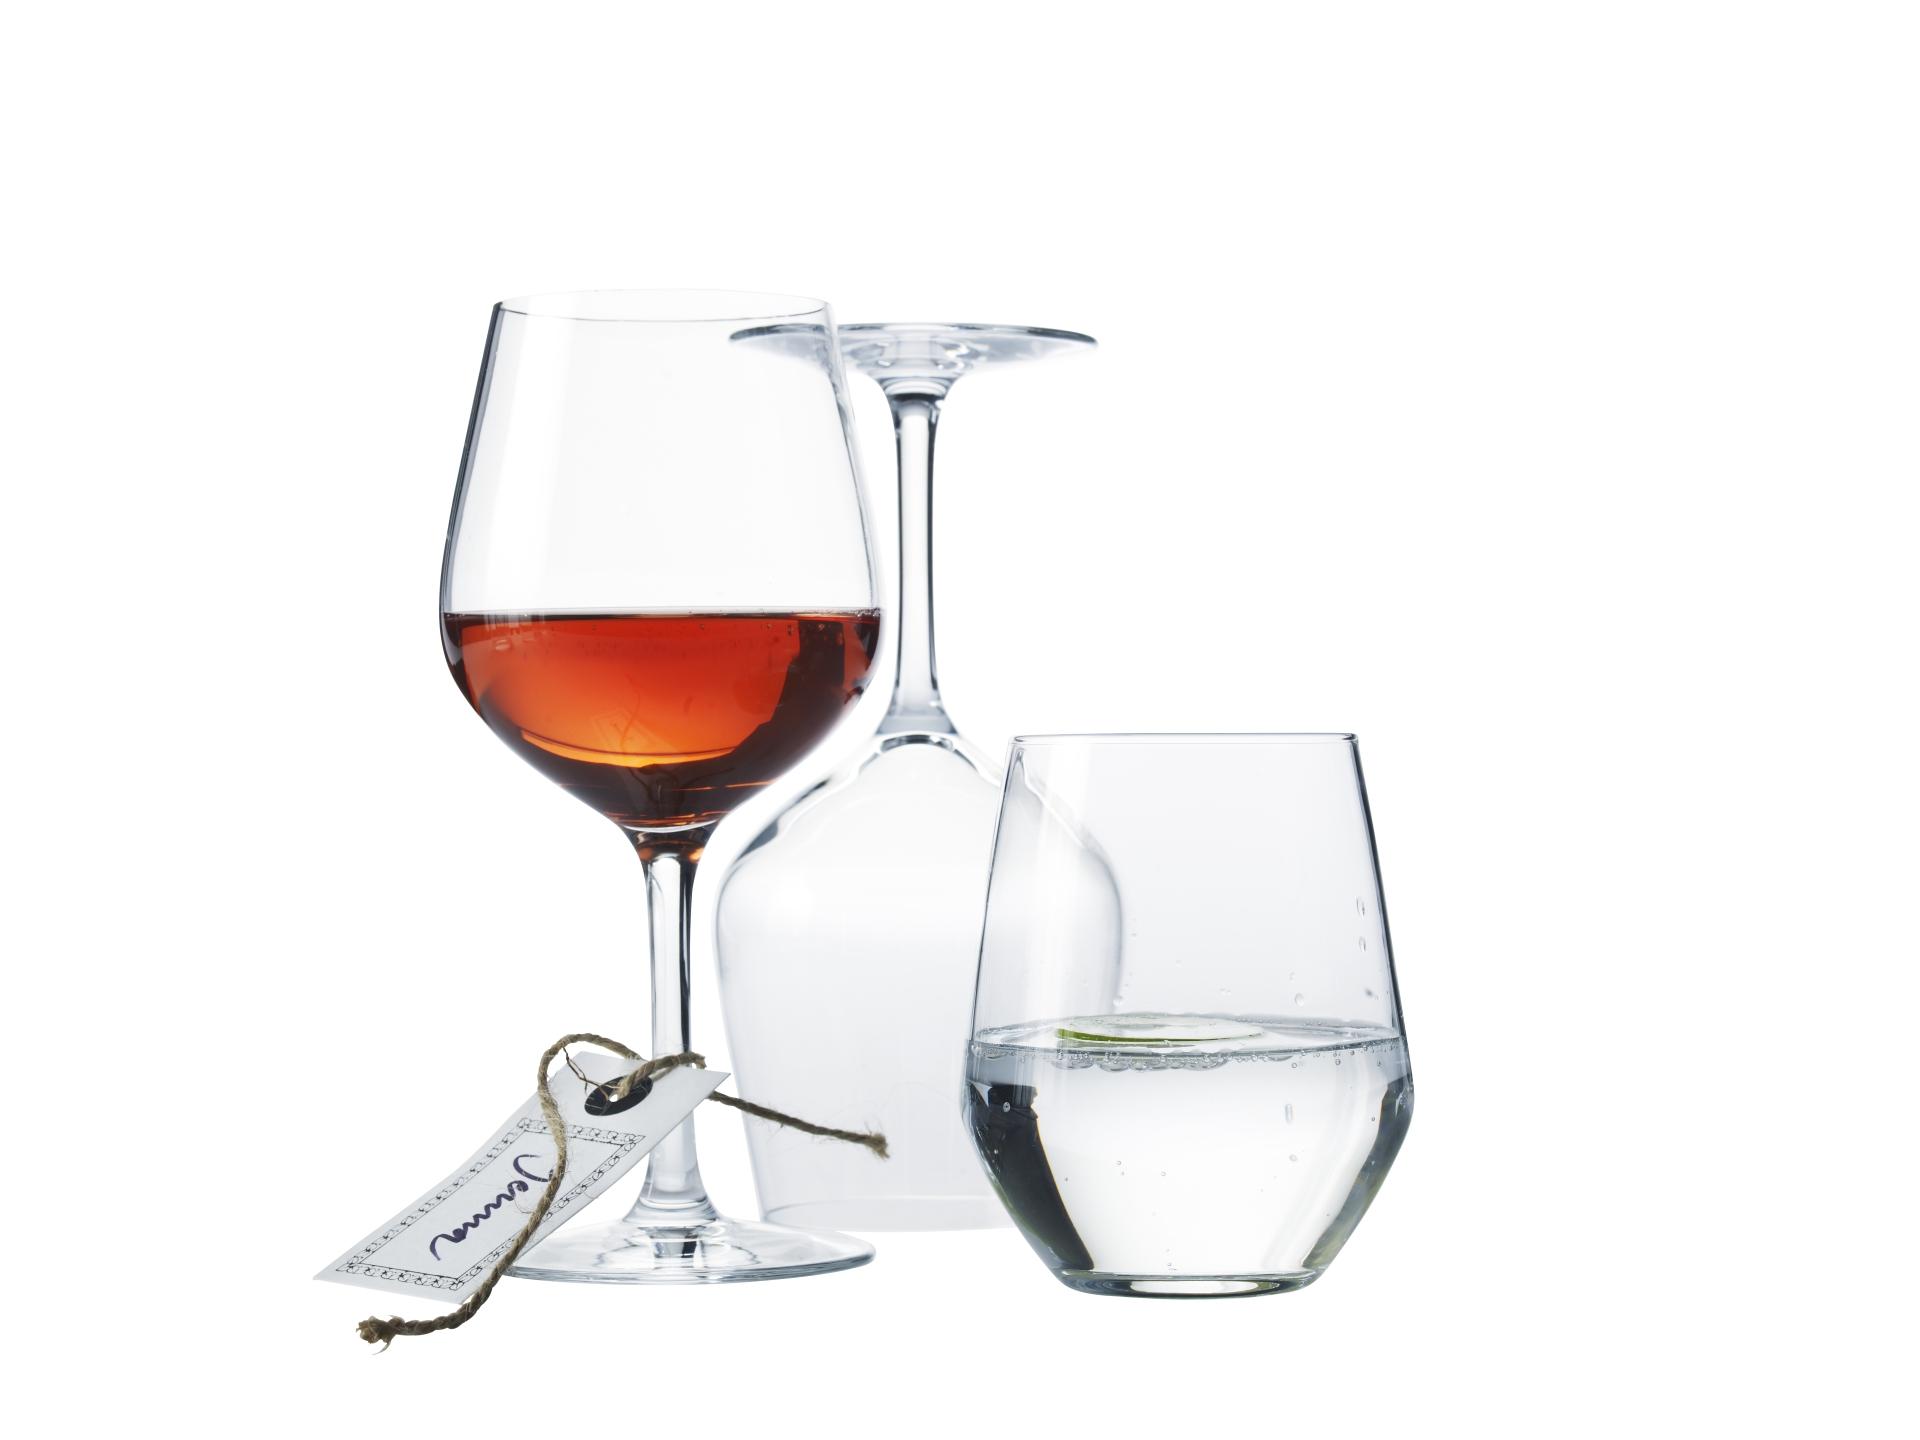 IVRIG紅酒杯